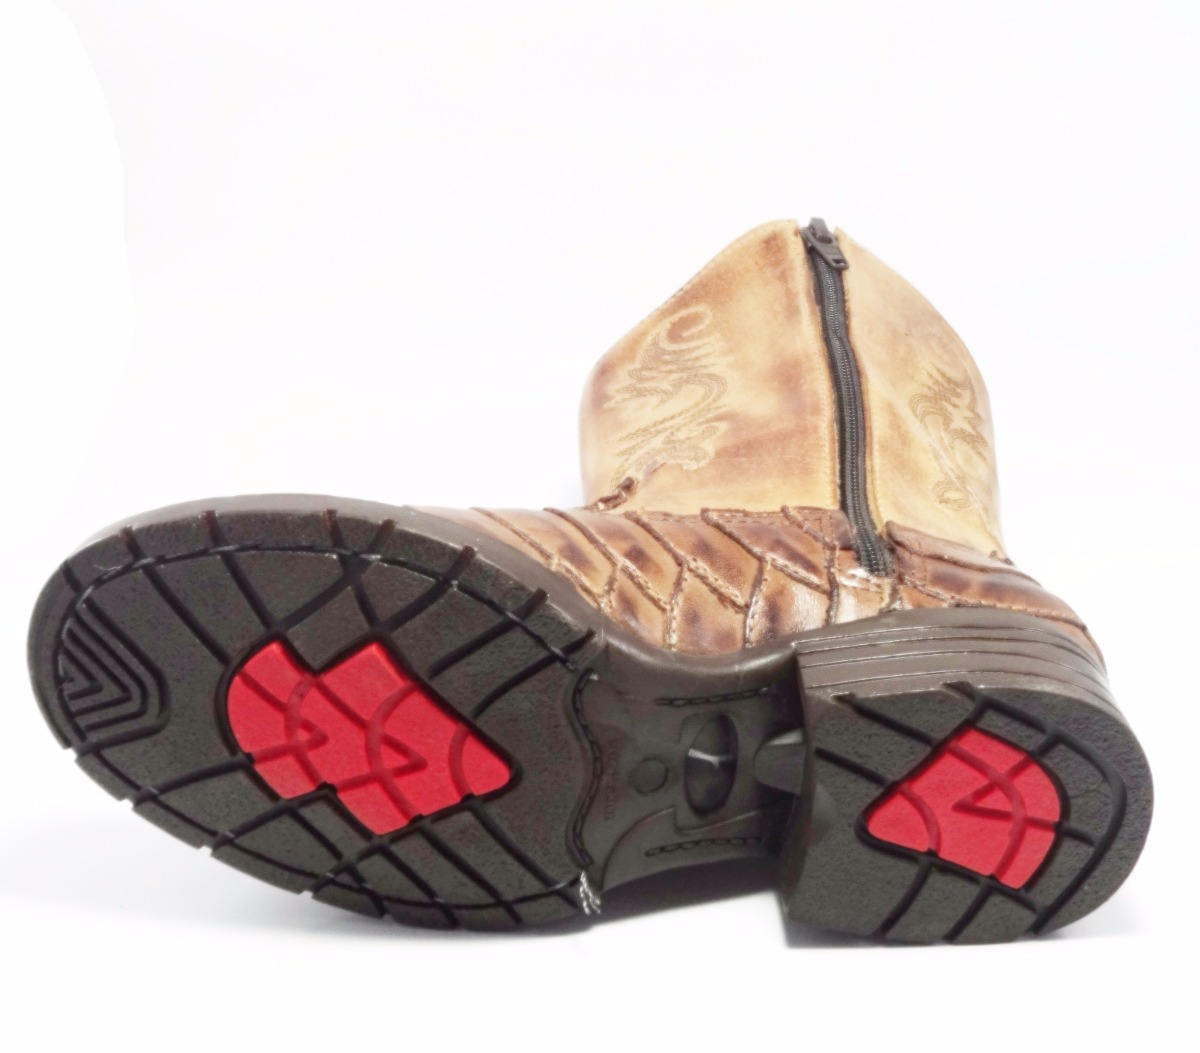 a29b0c4651 bota texana escamada country cano longo couro leg feminina. Carregando zoom.